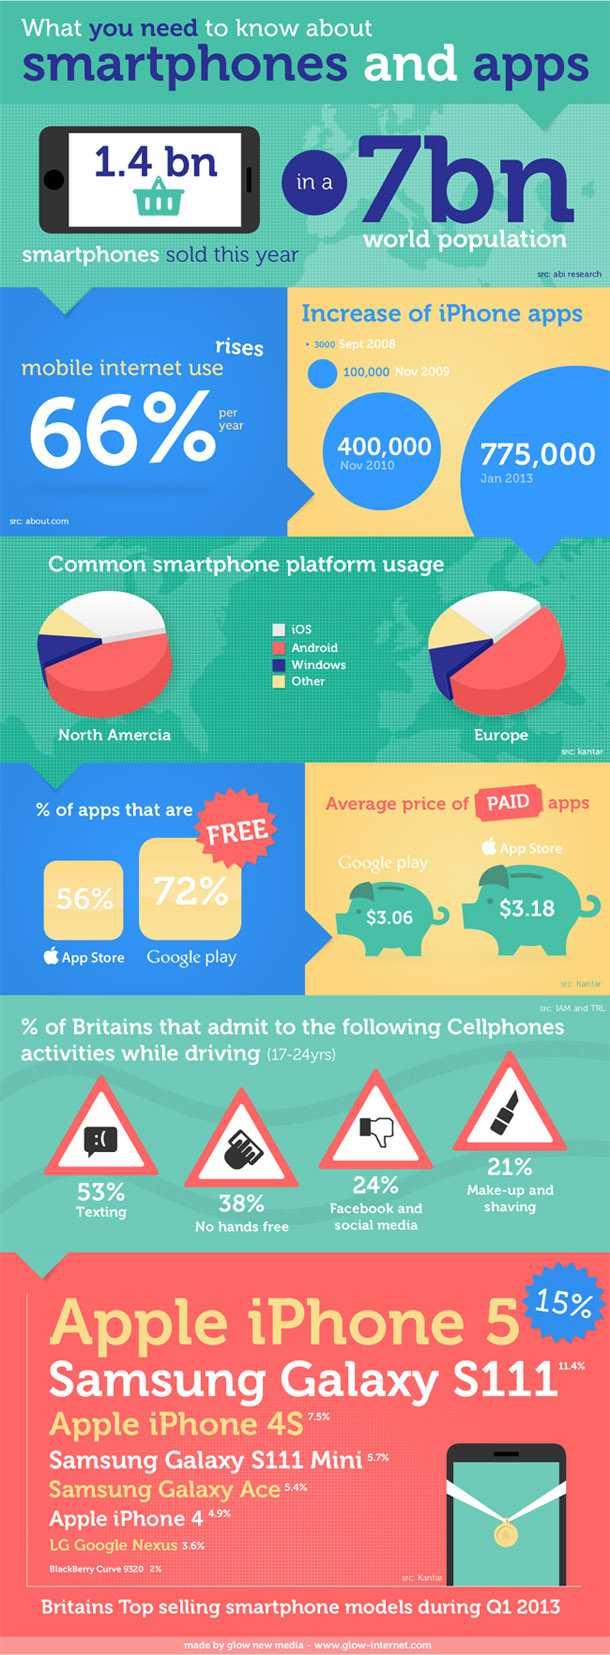 smartphones-apps-infographic